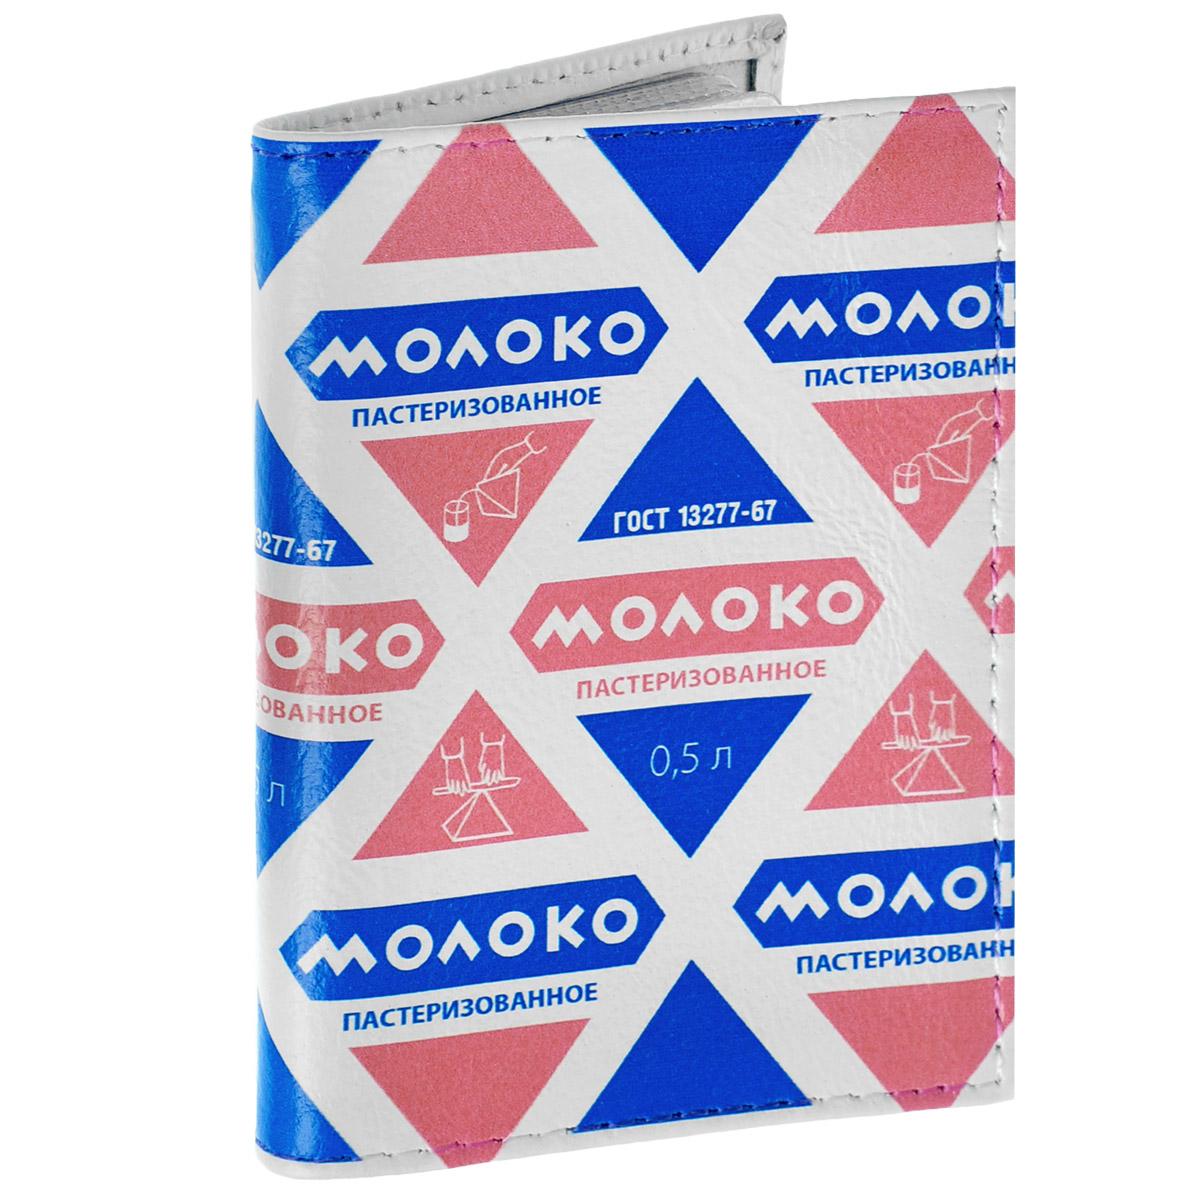 Обложка для автодокументов Молоко. AUTO288BV.22.-13. бежевыйОбложка для автодокументов Mitya Veselkov Молоко изготовлена из натуральной кожи и стилизована под упаковку из-под молока. На внутреннем развороте имеются съемный блок из шести прозрачных файлов из мягкого пластика для водительских документов, один из которых формата А5, а также два боковых кармашка для визиток или банковских карт.Стильная обложка не только поможет сохранить внешний вид ваших документов и защитит их отгрязи и пыли, но и станет аксессуаром, который подчеркнет вашу яркую индивидуальность.